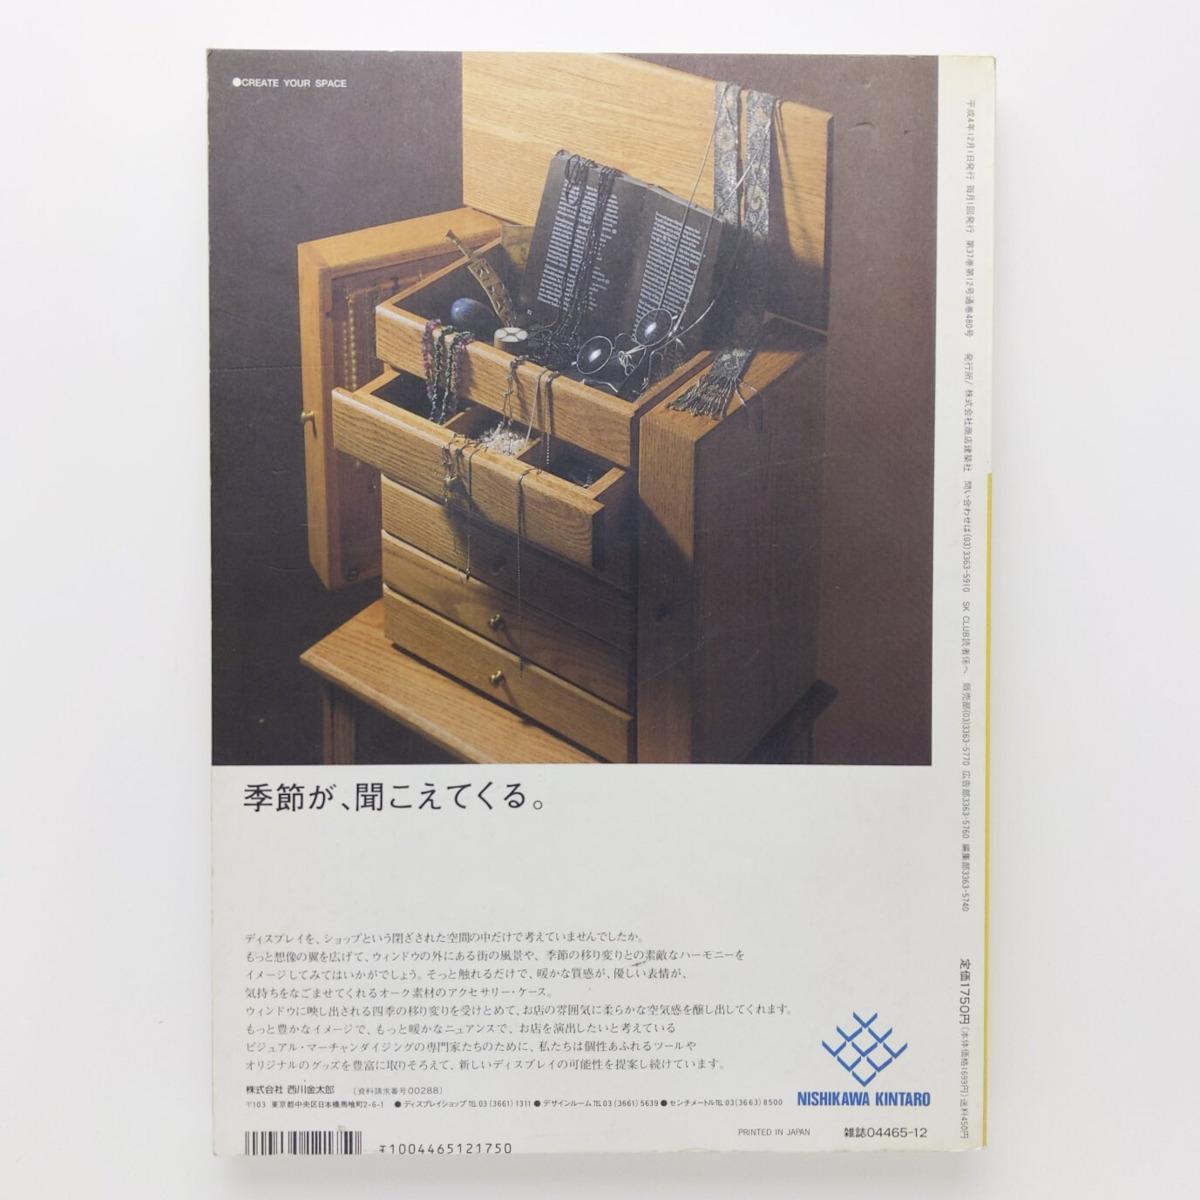 商店建築 1992.12 業態特集 コンロ付きテーブルで セルフクッキングする店 神戸ハーバーランド 商店建築社 <ゆうメール>_画像3